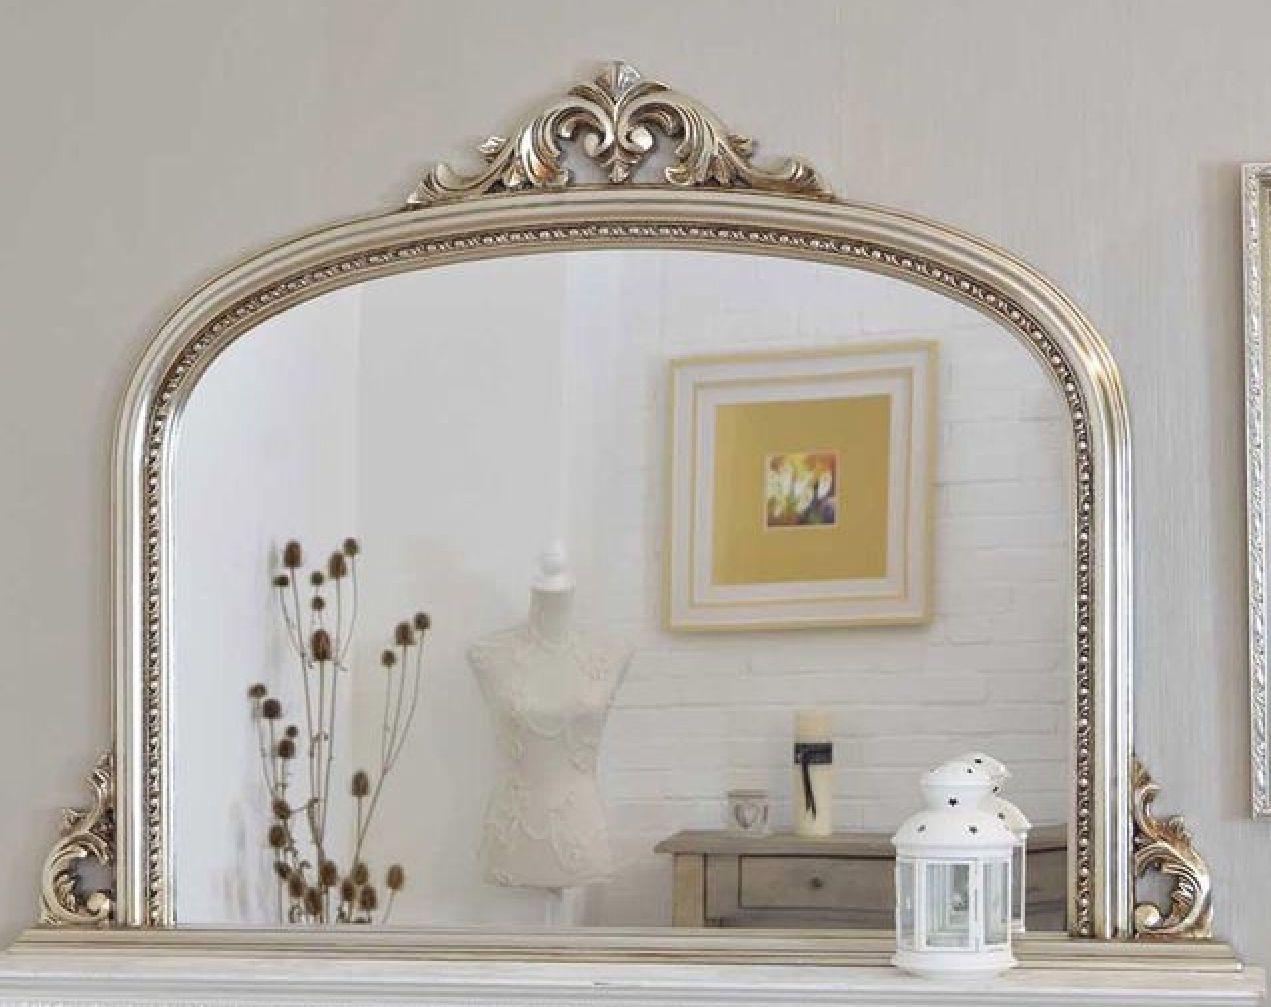 Silver Overmantle Mirror Mooie Zilveren Schouwspiegel Httpwww Inside Over Mantle Mirror (Image 13 of 15)